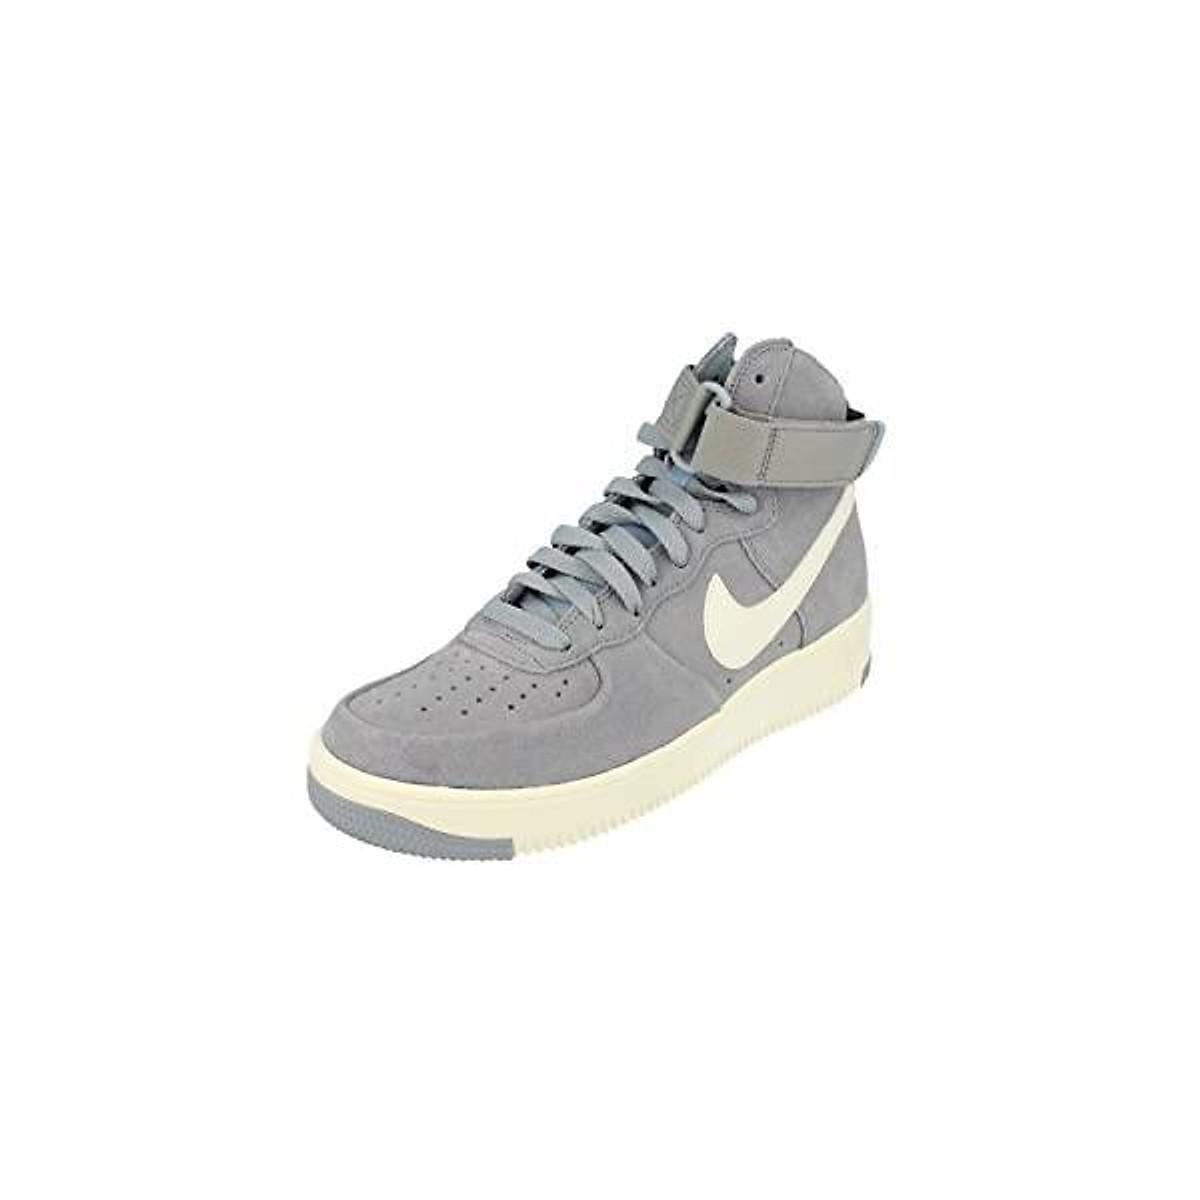 Đánh giá chi tiết Giày Nike nữ Air Force 1 High